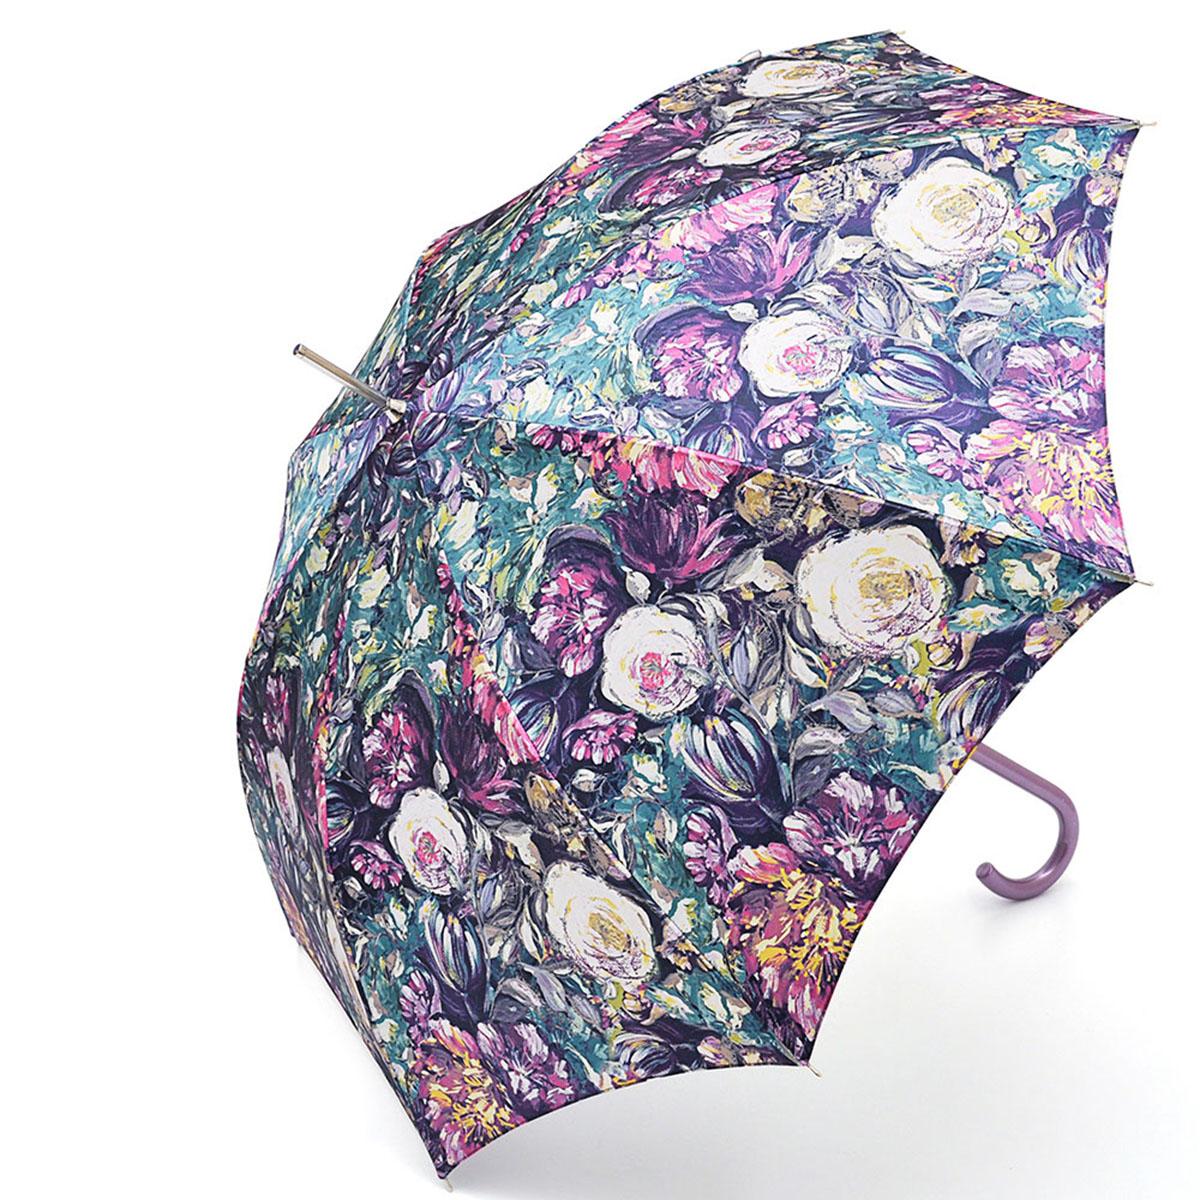 Зонт-трость женский Stilla, цвет: мультиколор. 694/2 auto694/2 autoЗонт-трость Stilla надежно защитит вас от дождя. Купол, оформленный оригинальным принтом, выполнен из высококачественного ПВХ, который не пропускает воду. Каркас зонта и спицы выполнены из высококарбонистой стали. Зонт имеет автоматический тип сложения: открывается и закрывается при нажатии на кнопку. Удобная ручка выполнена из пластика.